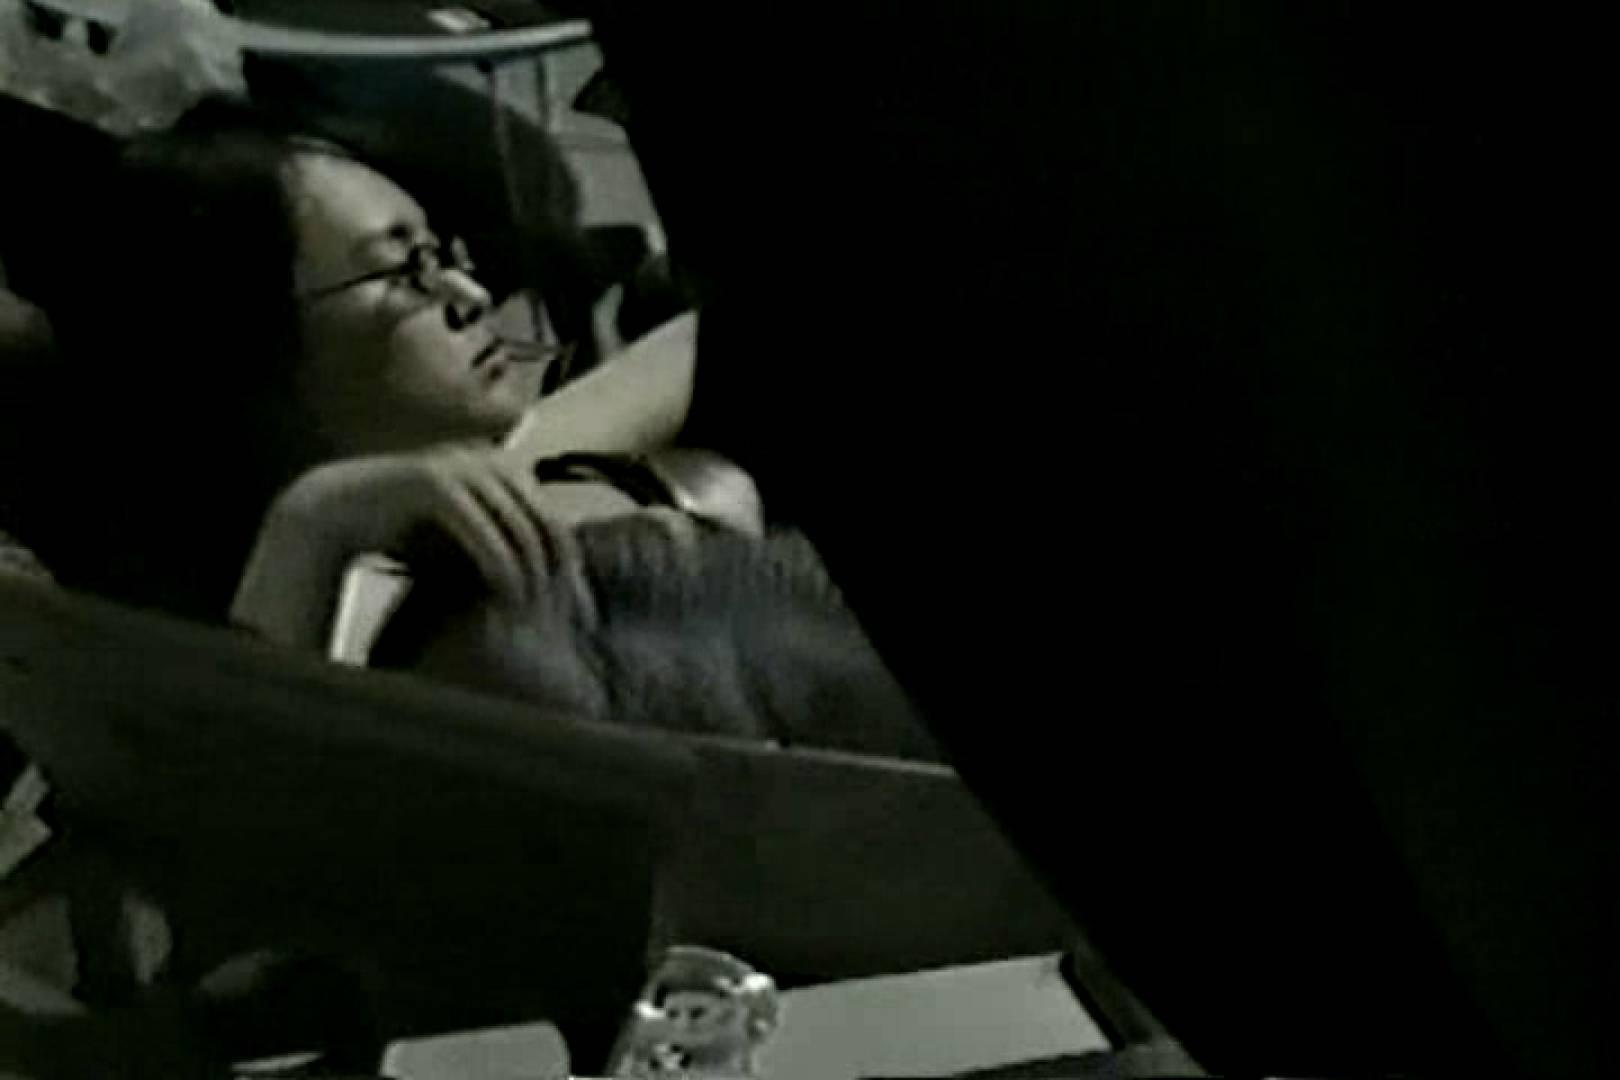 深夜の撮影会Vol.6 企画 隠し撮りオマンコ動画紹介 102連発 99